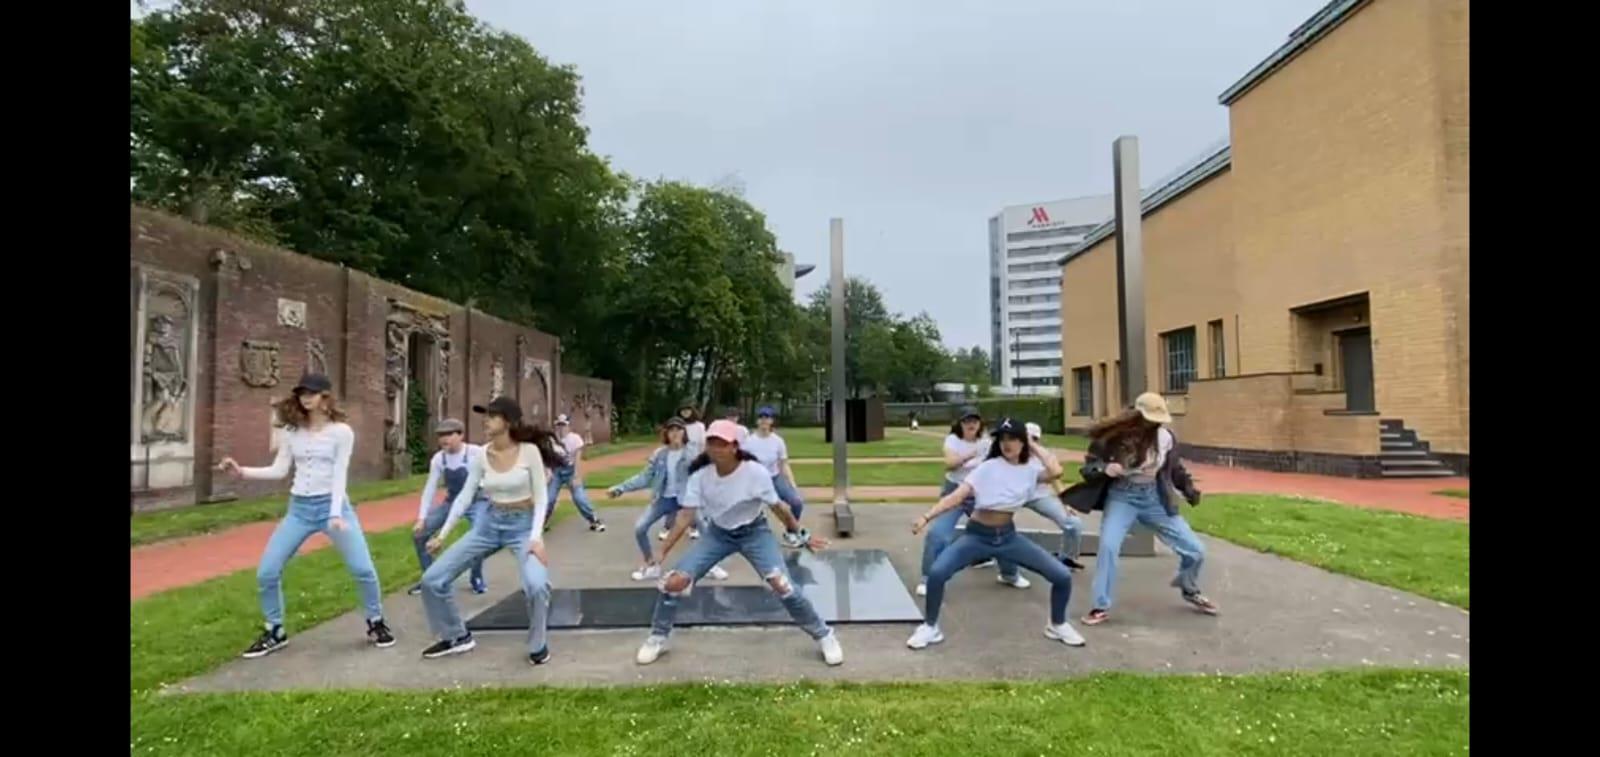 Streetjazz - Dansles Het Danskwartier Den Haag staat o.l.v. Janine van den Heuvel Damen. De dansschool bevindt zich in het Statenkwartier in Den Haag en biedt dansles vanaf 3 jaar. DANS met ons mee!